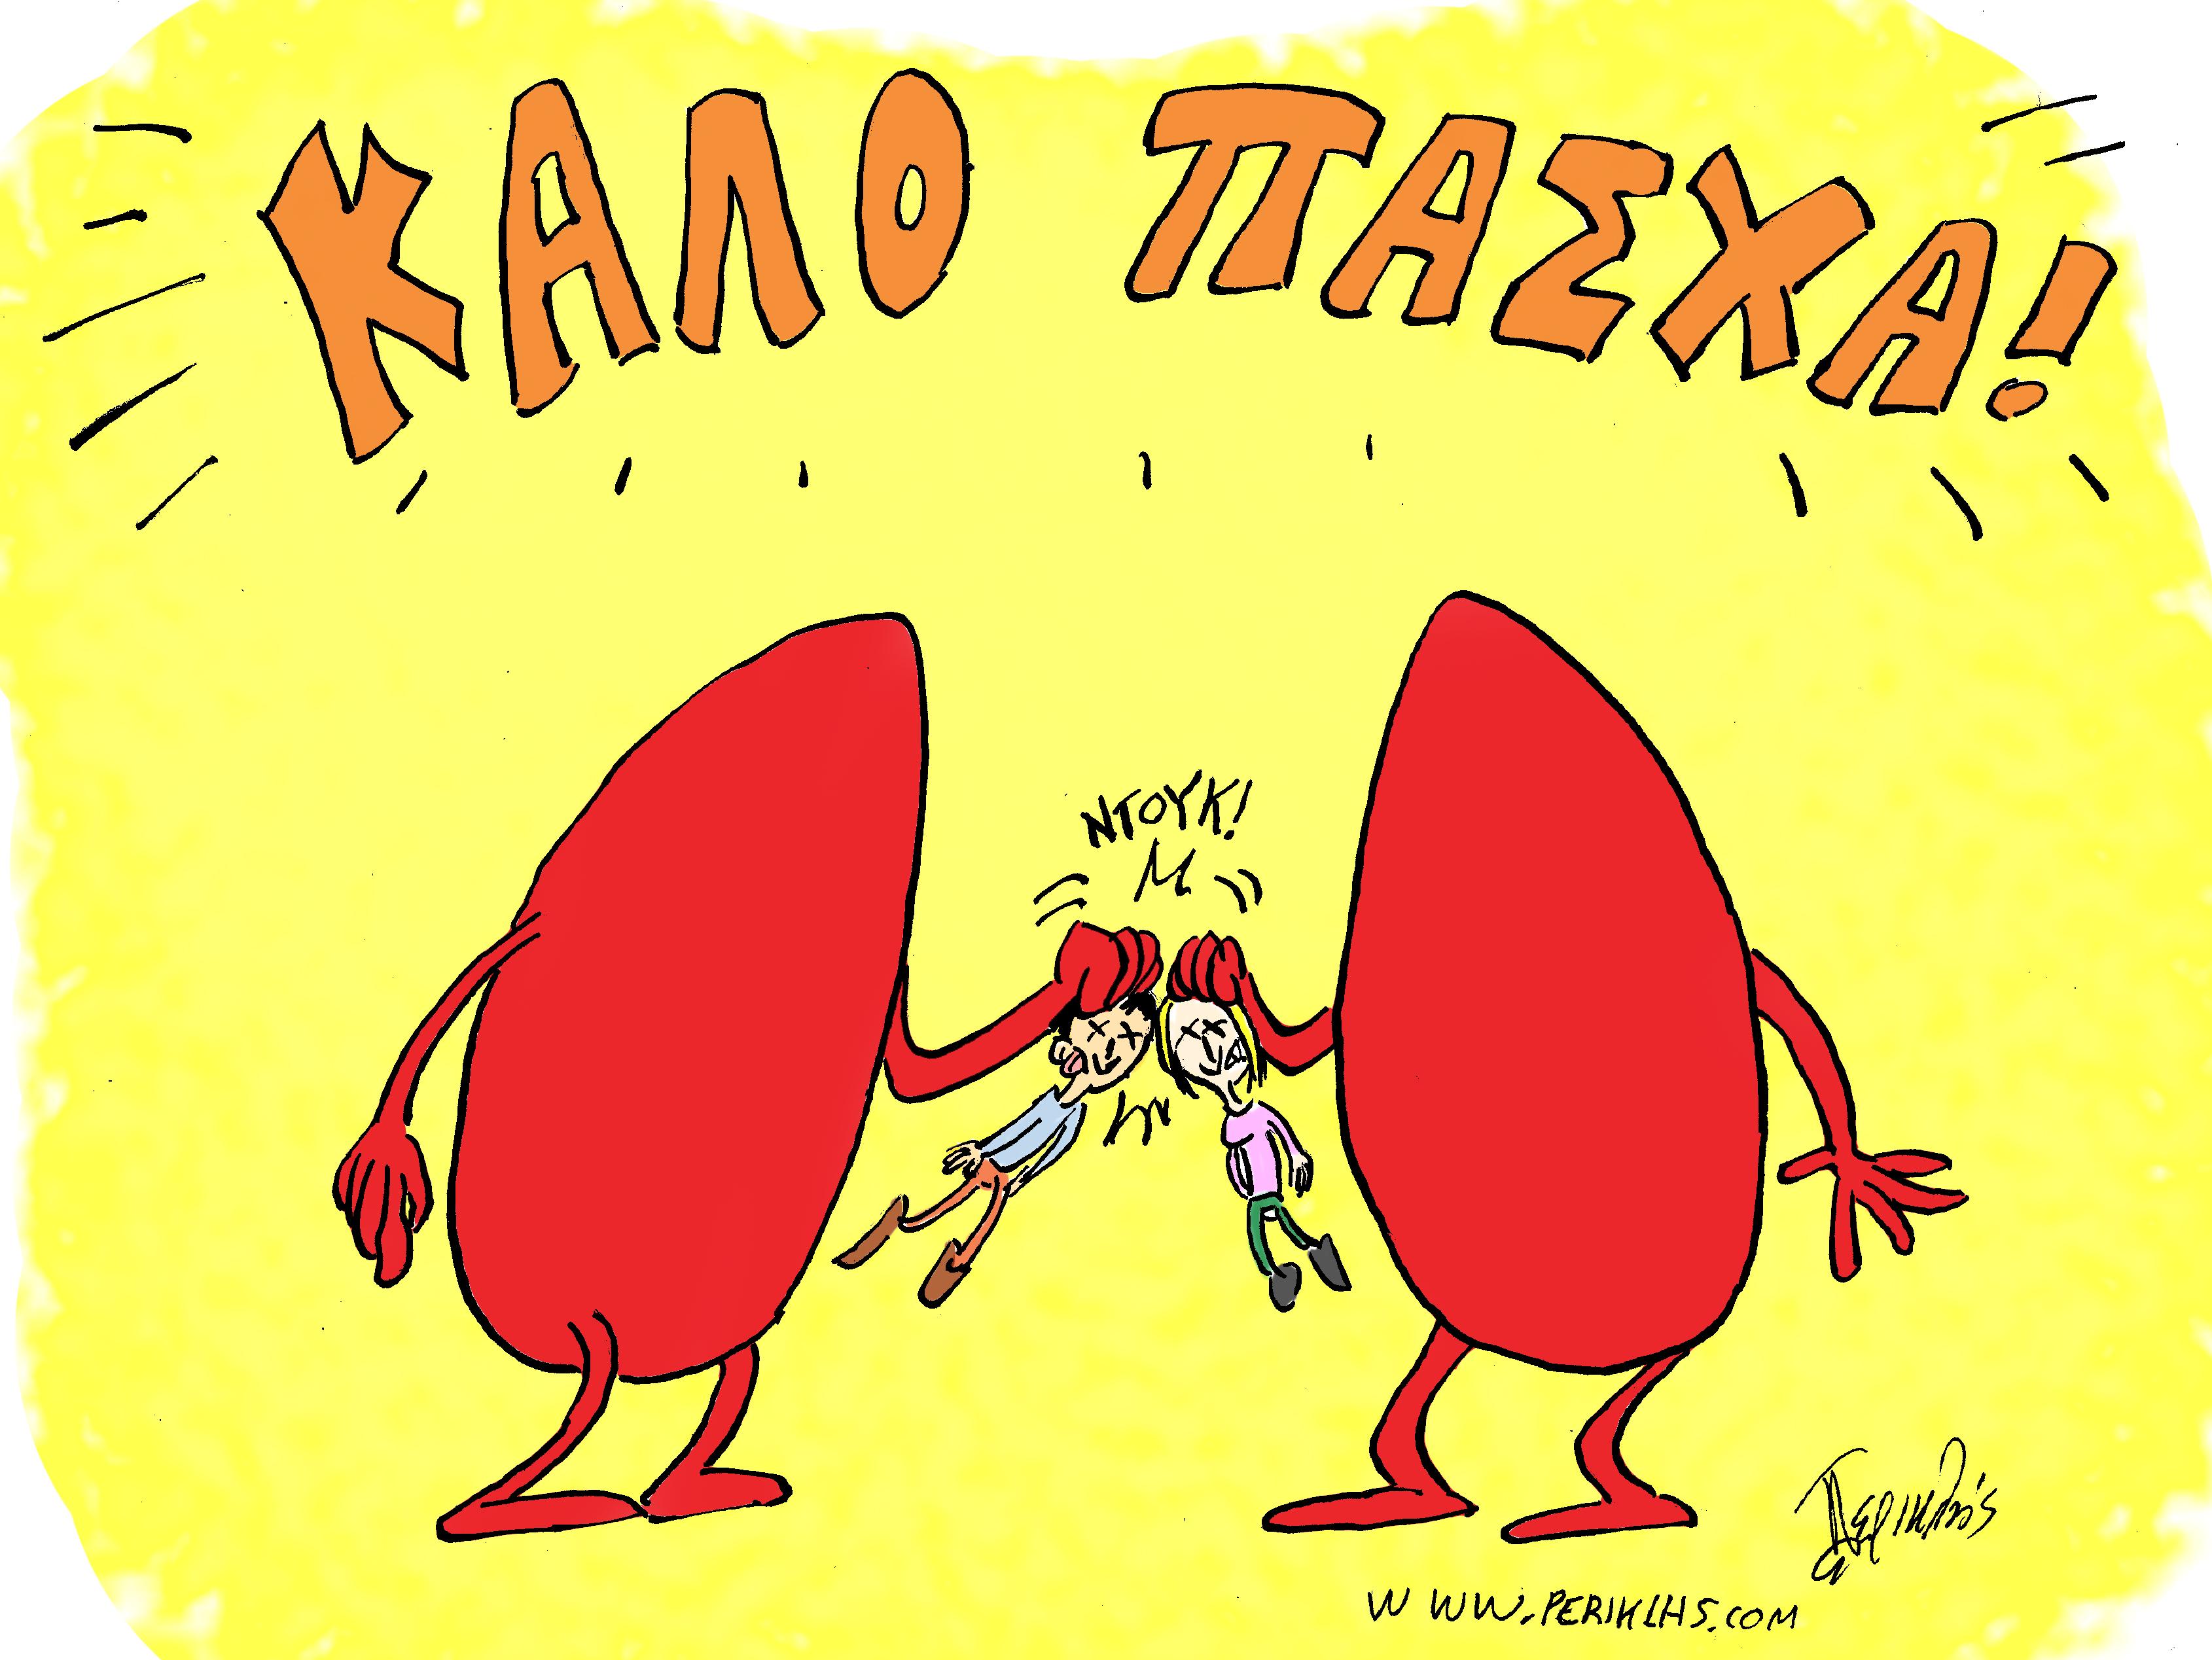 Περικλέους Γελοιογραφίες – Καλό Πάσχα! | ΣΚΙΤΣΟΚΟΣΜΟΣ!